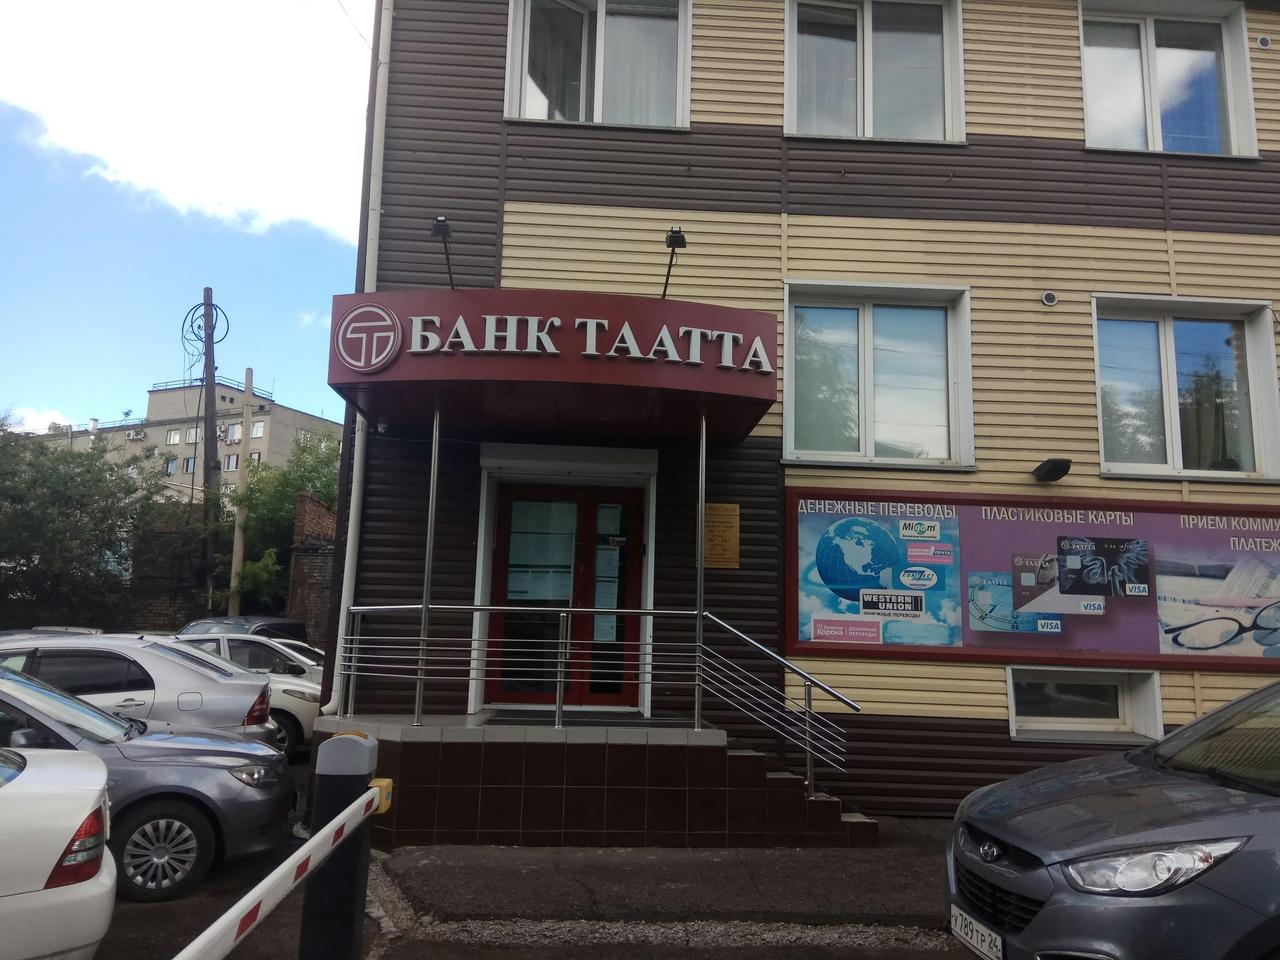 Красноярский филиал банка Таатта не обслуживает клиентов